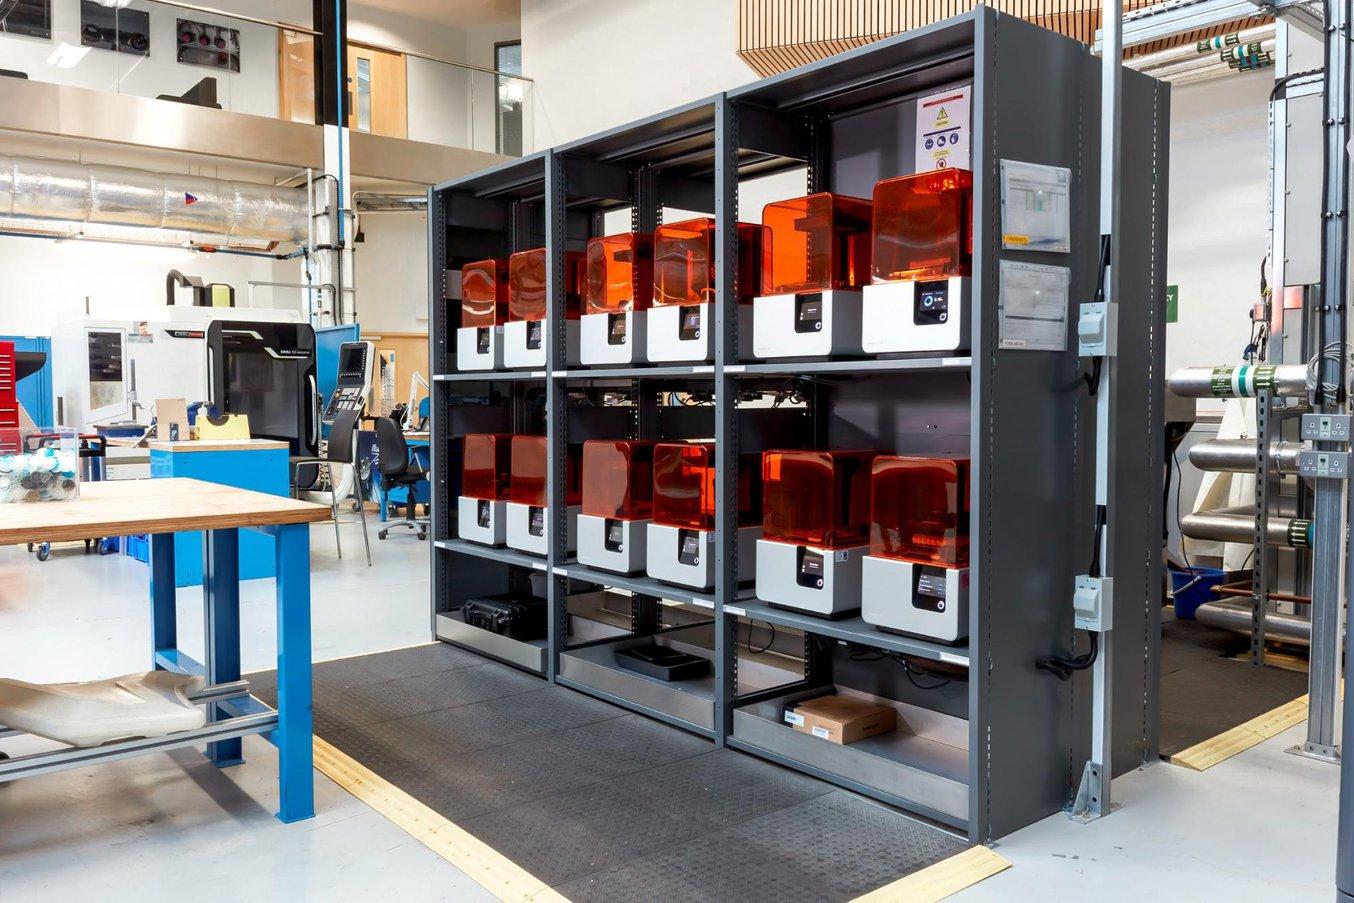 Cocking y el grupo de diseño y creación de prototipos pretenden replicar el modelo de la estación de impresión 3D en otros lugares del AMRC y para otros socios del sector.